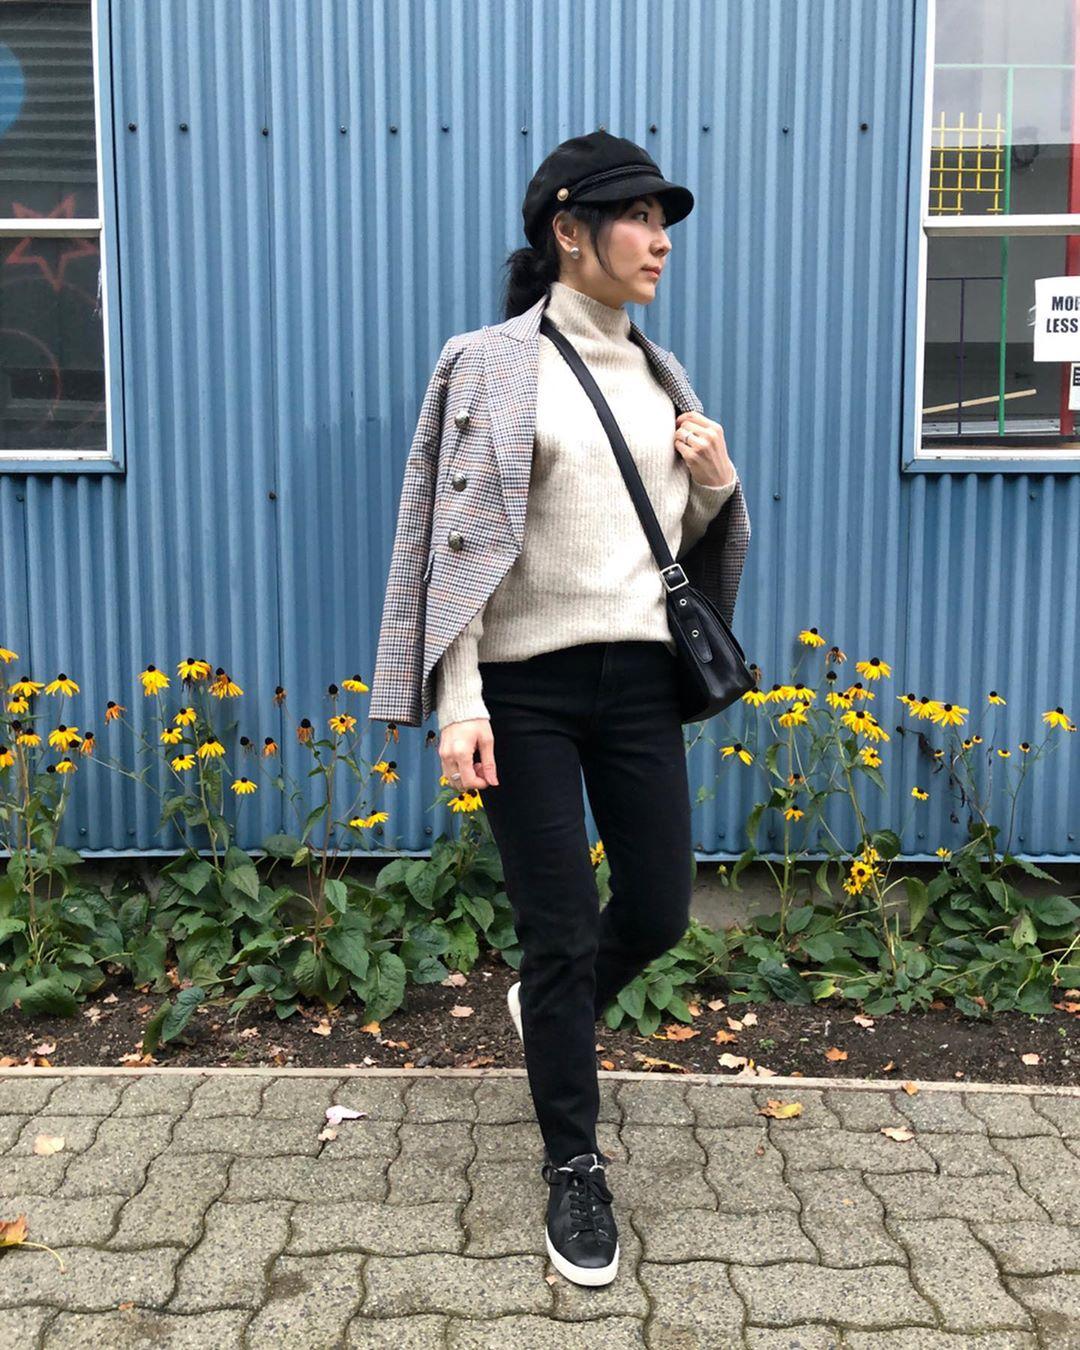 最高気温20度・最低気温10度 i.styleclosetの服装